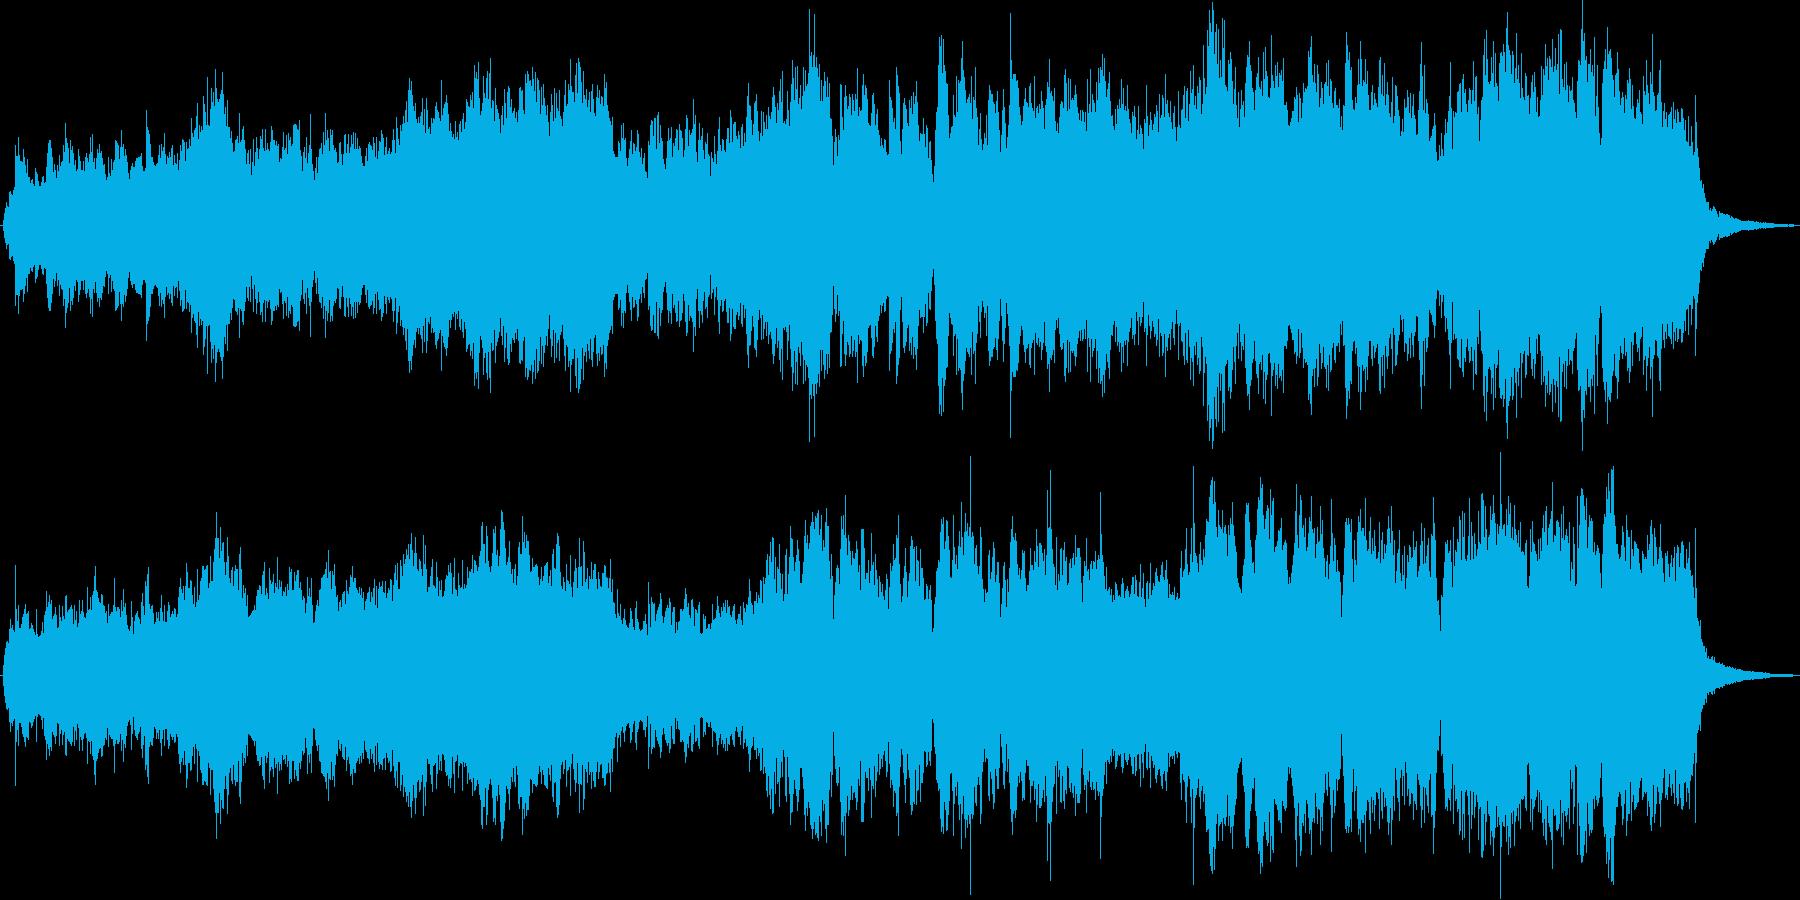 伸びやかなオーケストラ オープニングの再生済みの波形